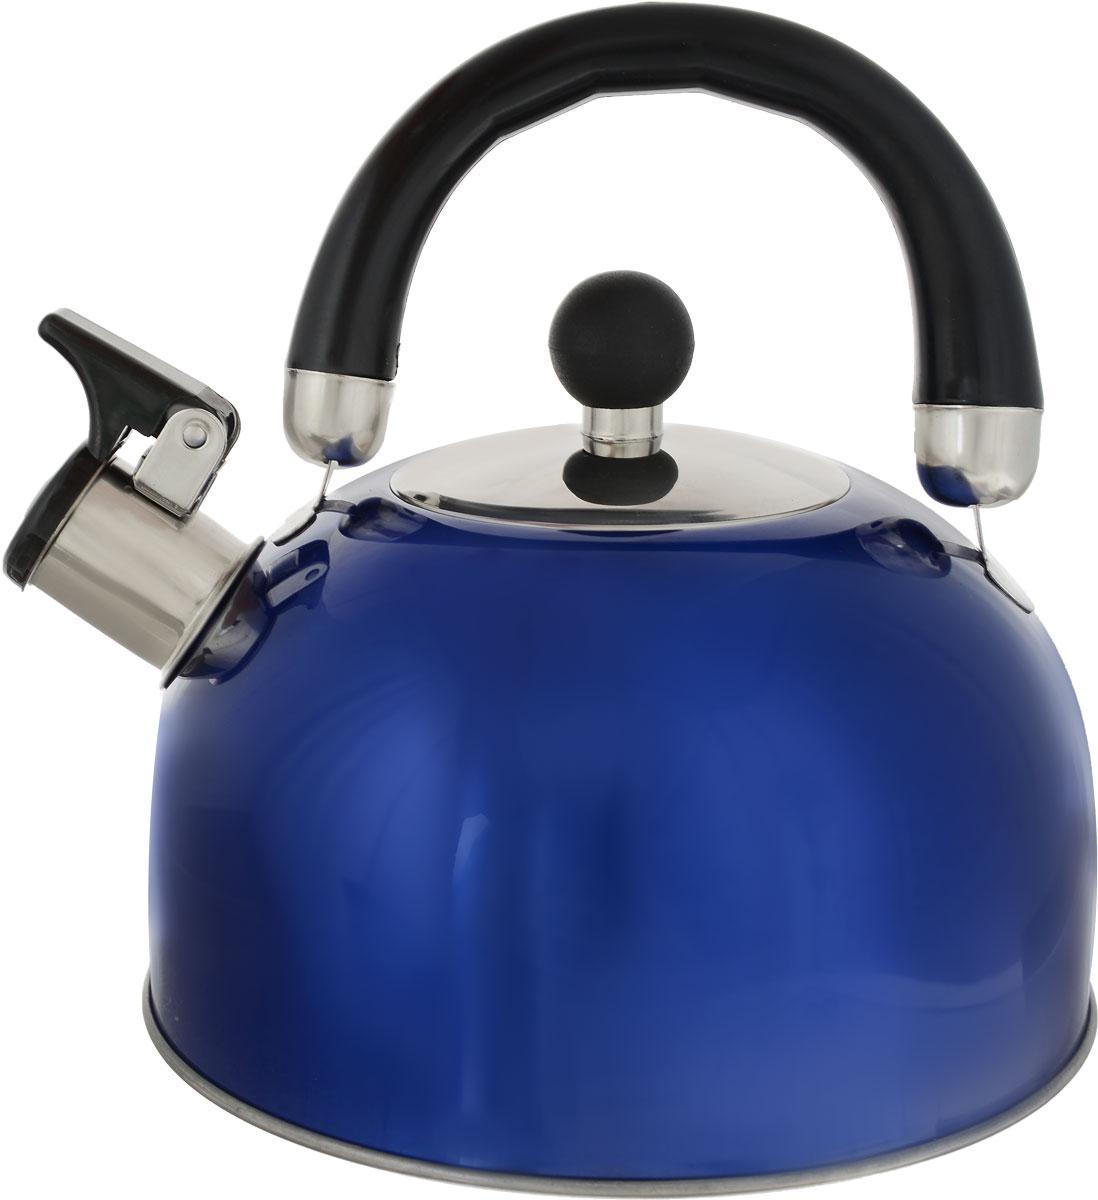 Чайник Teco, со свистком, цвет: синий, 2,8 лTC-117_синийЧайник Teco, со свистком, цвет: синий, 2,8 л